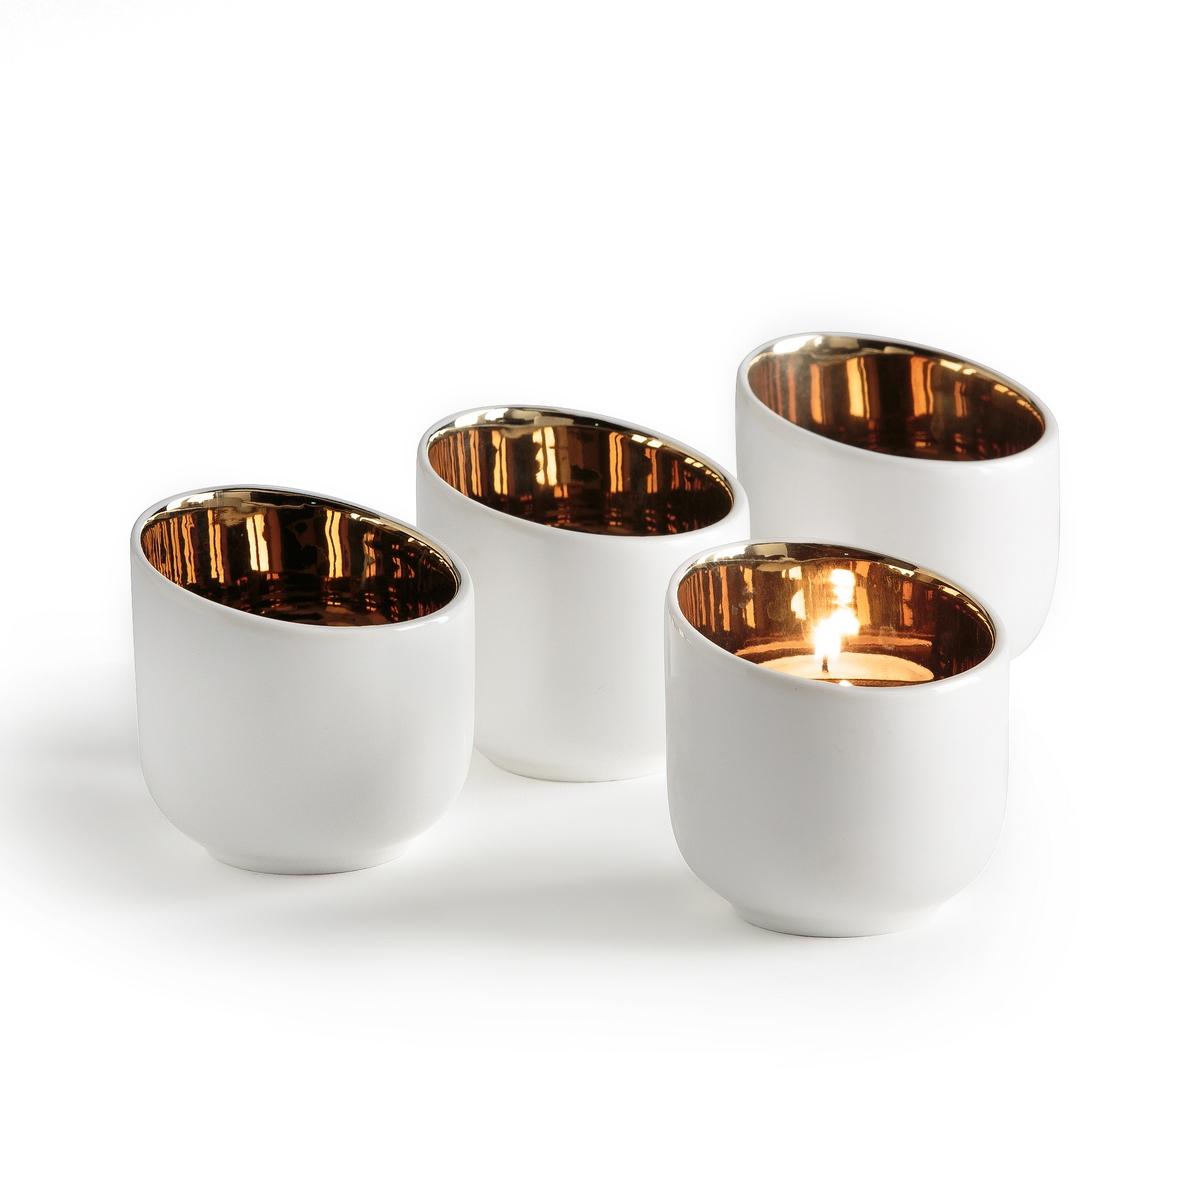 4 светильника из фарфора MiliotoОписание:4 светильника  Milioto . Внутренняя часть медного цвета рассеивает мягкий свет .      Верх из белого матового фарфора с покрытием эмалью  . Для греющих свечей (продаются отдельно)..Размеры : ?7,7 x H5,5 см .<br><br>Цвет: белый/ хром